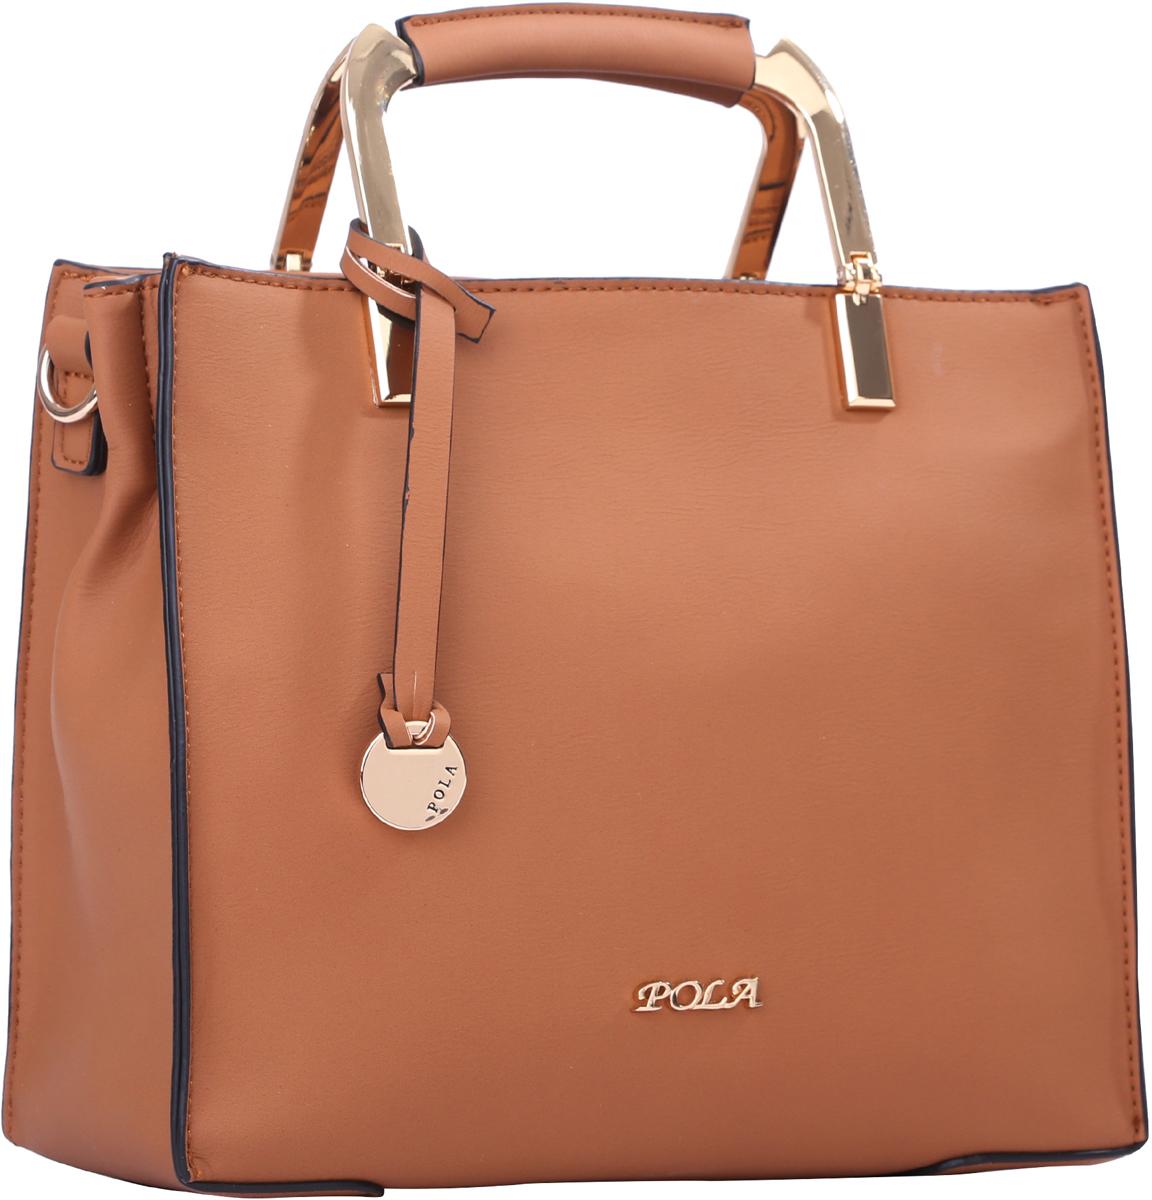 Сумка женская Pola, цвет: рыже-коричневый. 64439BM8434-58AEЖенская сумка Pola выполнена из экокожи, сверху закрывается на молнию. Внутри основное отделение разделено на две части карманом на молнии. Дополнительно внутри два небольших открытых кармана и кармашек на молнии. В комплекте съемный, регулируемый по длине плечевой ремень, максимальной высотой 61 см. Ручки для переноски в руке металлические, высотой 6 см. Цвет фурнитуры- золото.